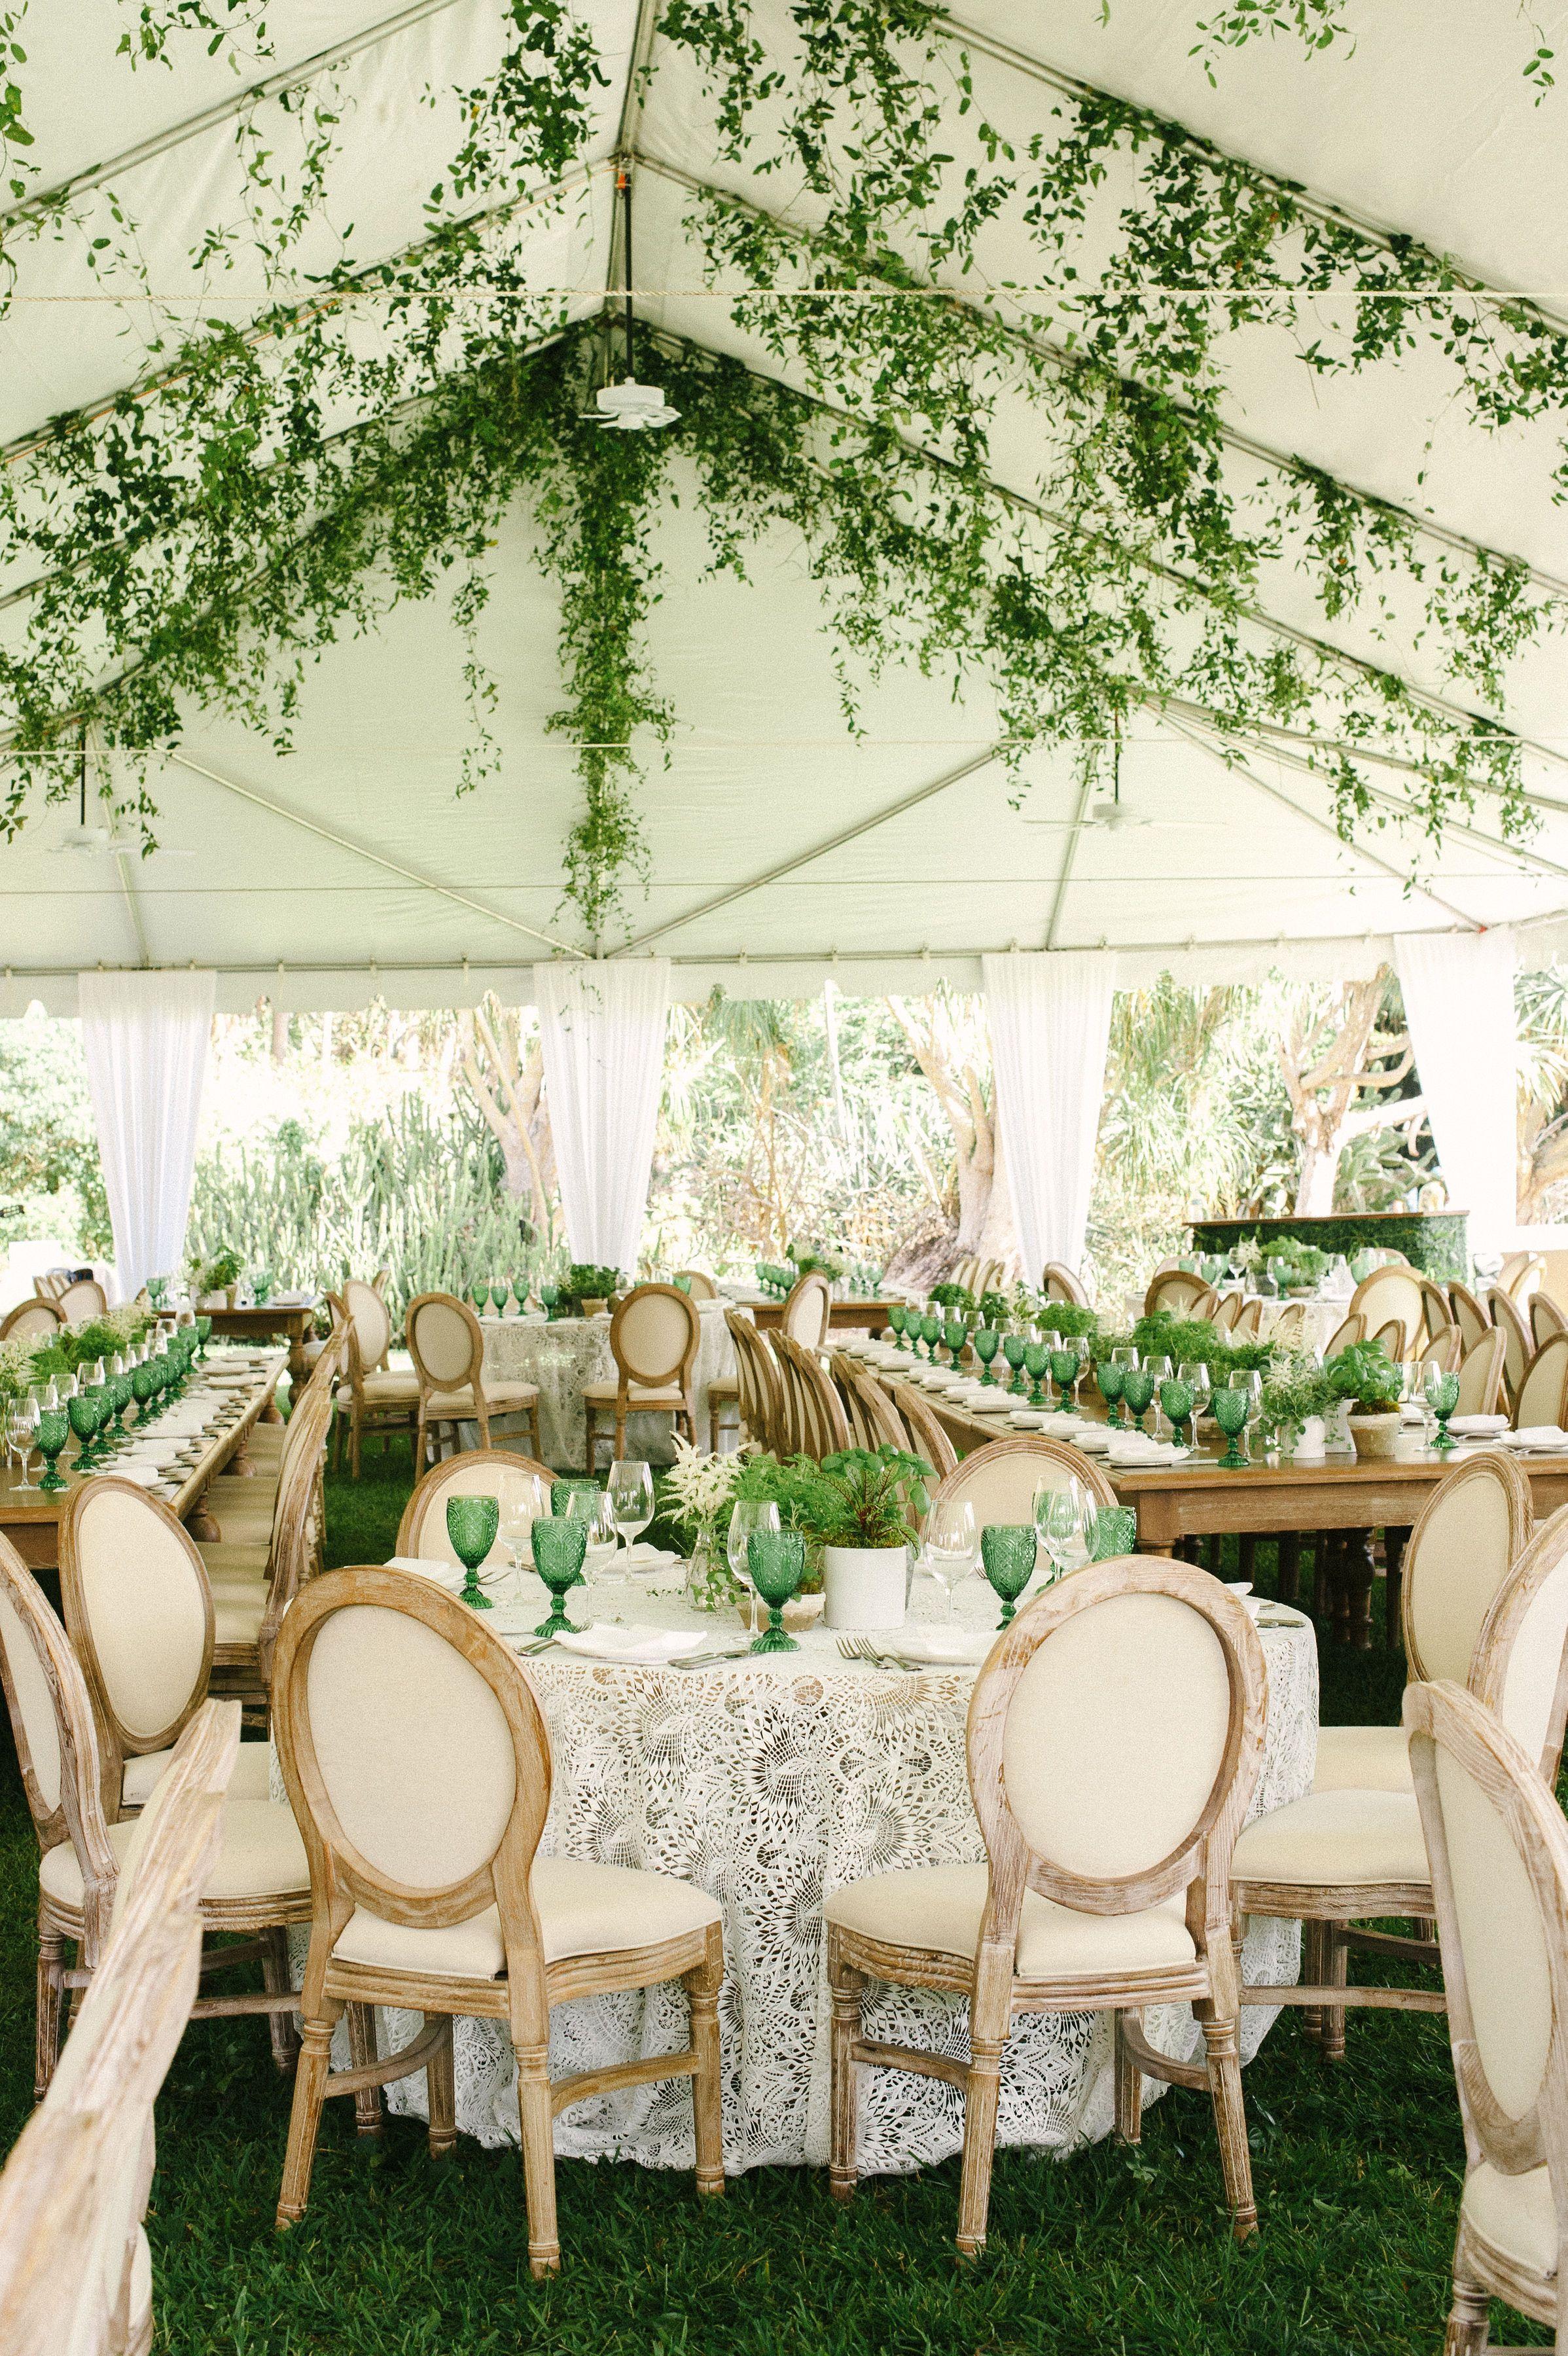 Earthy Wedding At Fairchild Tropical Garden Fairchild Tropical Botanic Garden Botanical Gardens Earthy Wedding